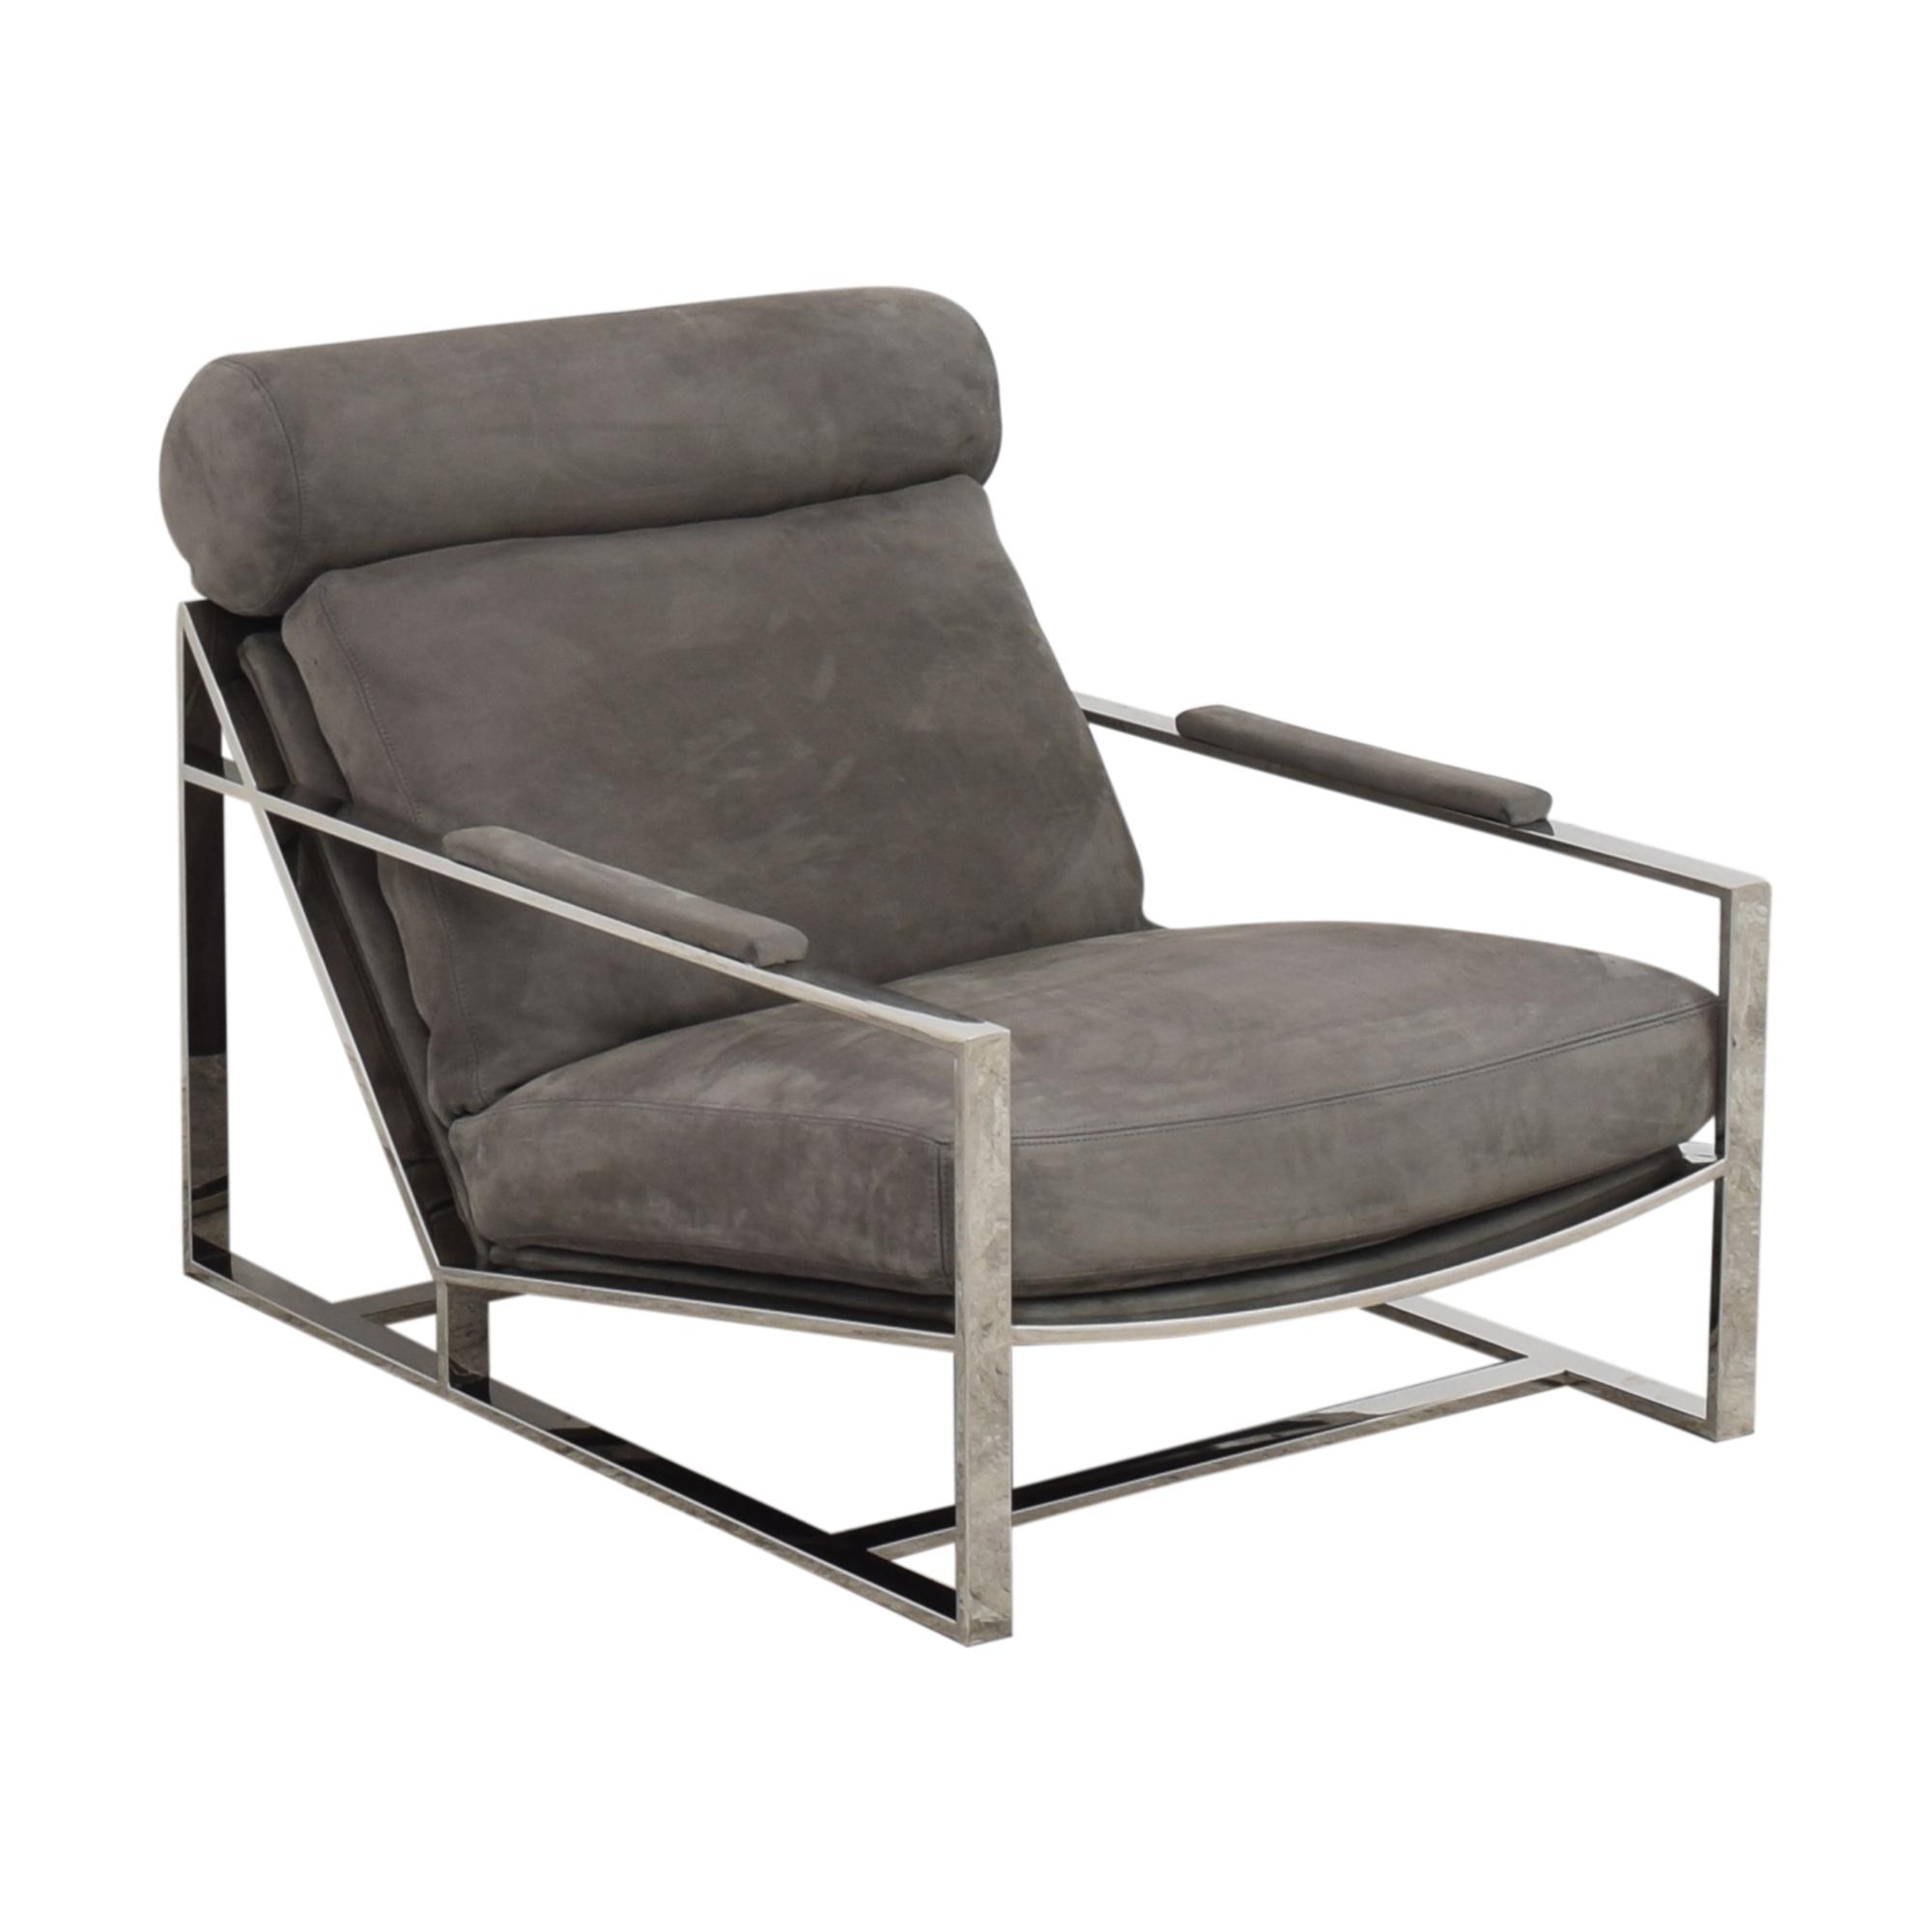 buy Restoration Hardware Restoration Hardware Milo Baughman Model #3418 Chair by Thayer Coggin online